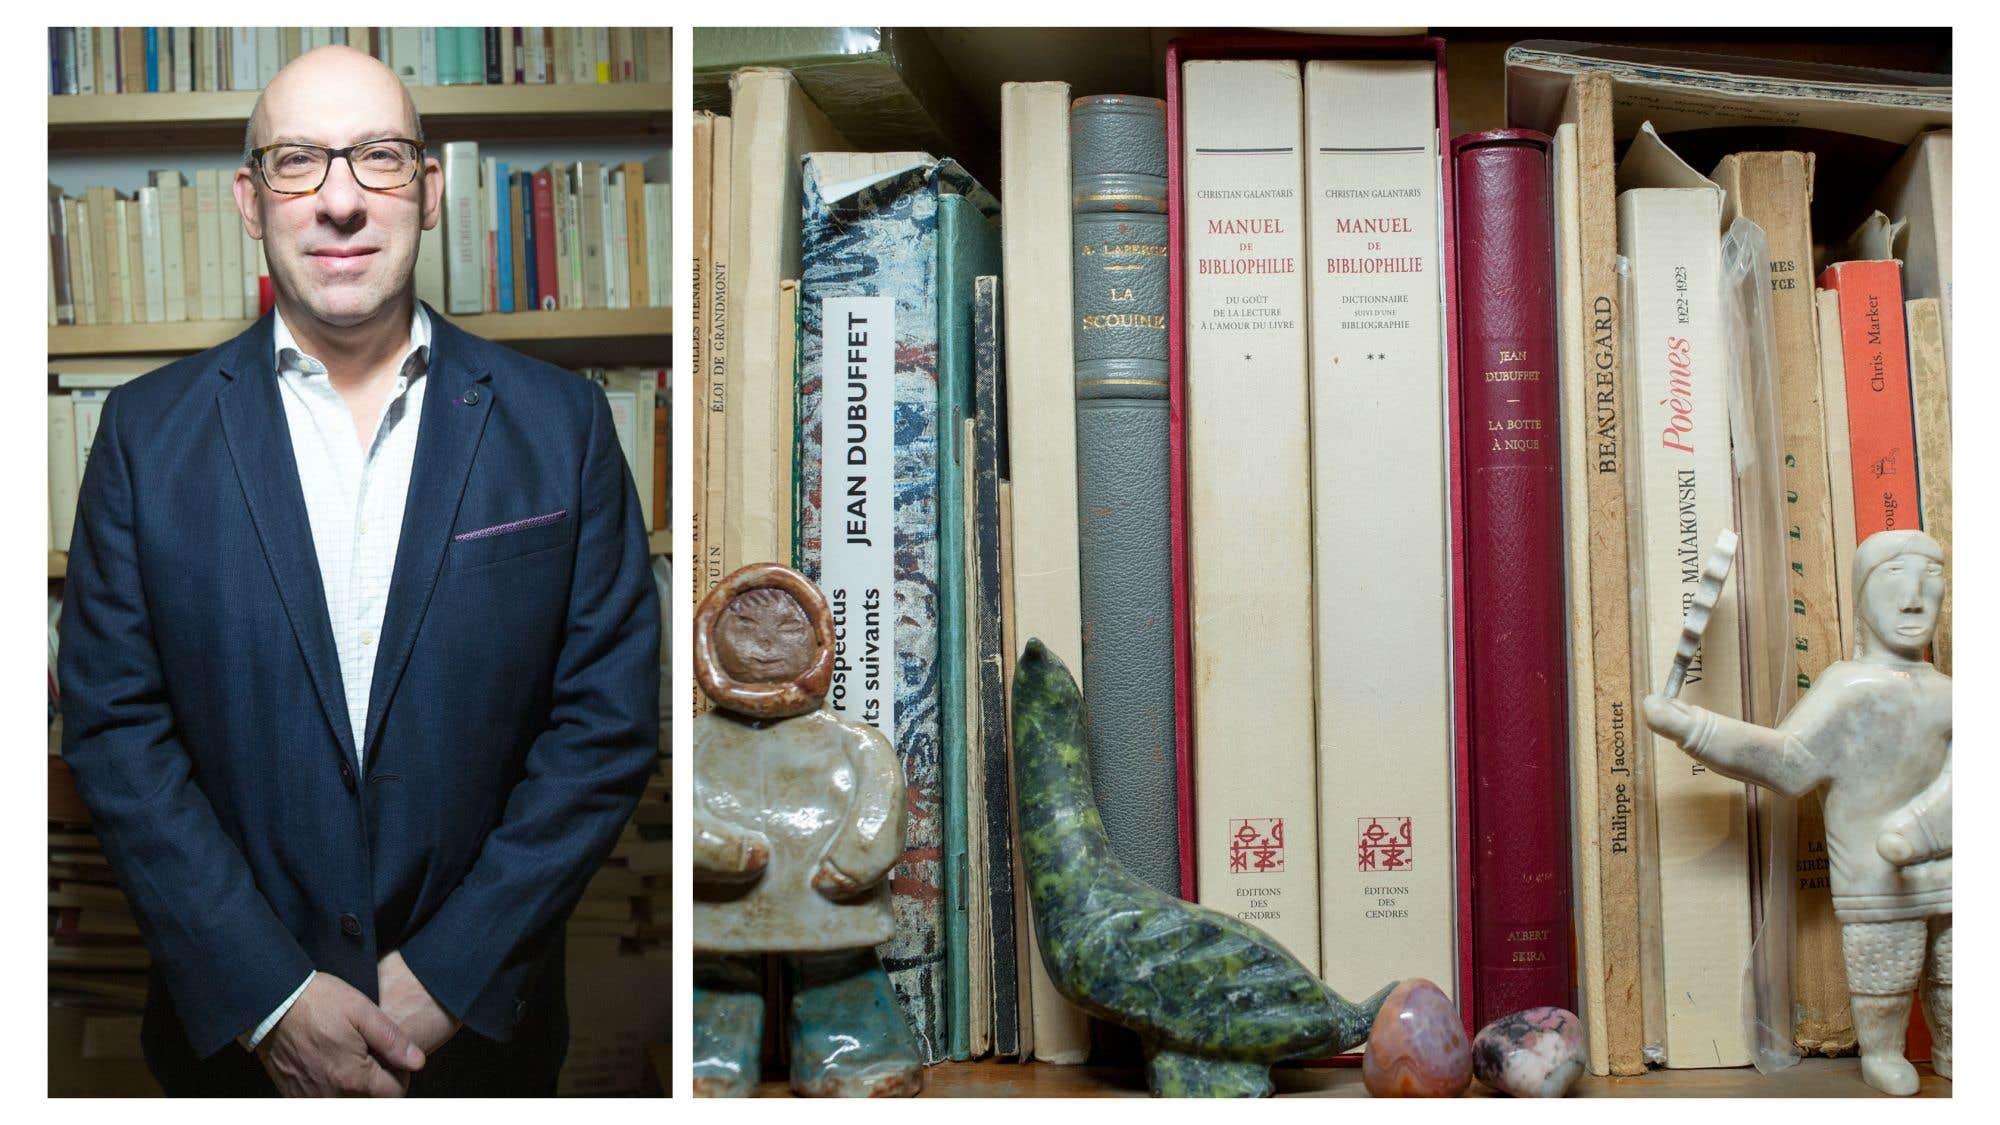 Bruno Lalonde est libraire depuis 25 ans. Il vient tout juste de déménager son commerce, Le livre voyageur — 25 000 livres — de Côte-des-Neiges à Rosemont, rue Bélanger. À la maison, sa biblio se double d'un autre 25 000 bouquins. «Ma passion première est la littérature et le cœur sensible de ma collection est les artistes québécois (poésie et art) autour des automatistes (1948) jusqu'à Michel Tremblay (1968), période effervescente séminale», explique-t-il au Devoir. Les premiers ouvrages qu'il a voulu conserver étaient des livres d'enfance: La petite fille aux allumettes, Tintin et le Crabe aux pinces d'or, et Le vieil homme et la mer. Et il ne mettra jamais ni guide de l'auto ni guide de bricolage dans ses rayons, précise-t-il.